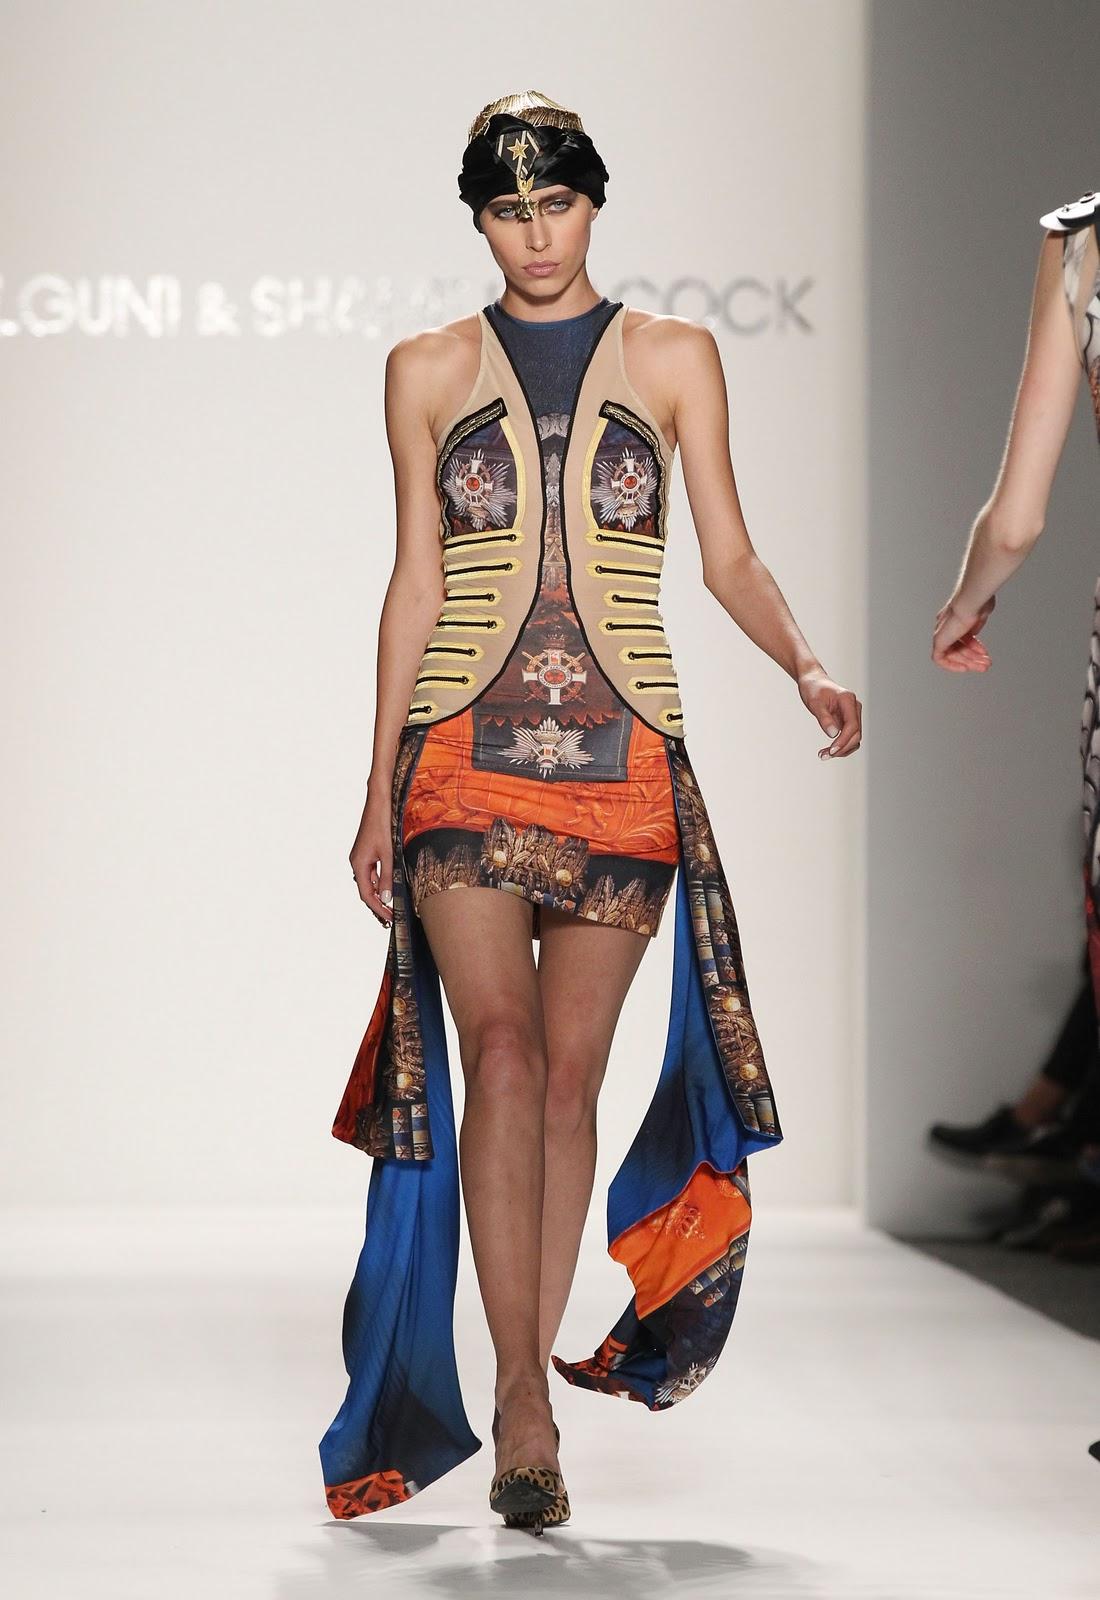 HughE Dillon: Shane Victorino Foundation Fashion Show 67